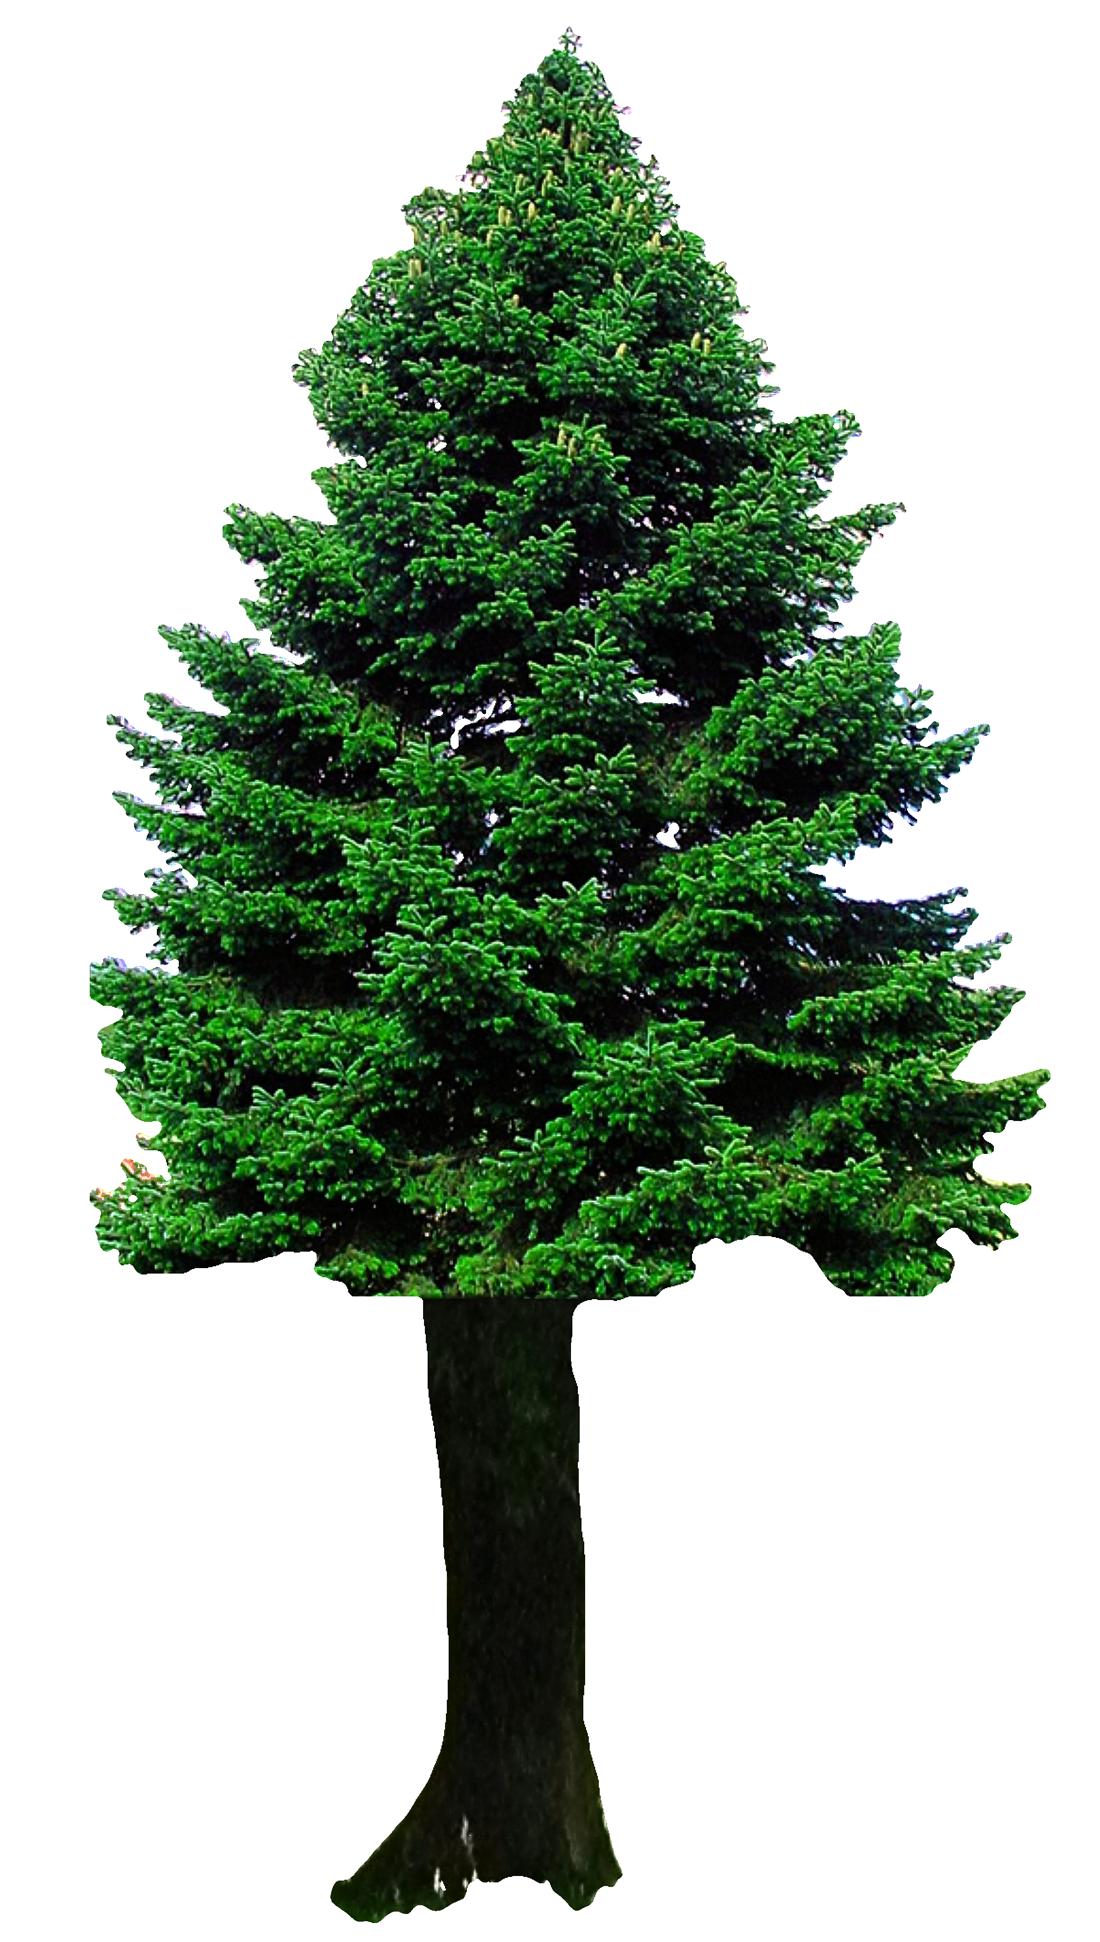 Christmas Tree PNG Image